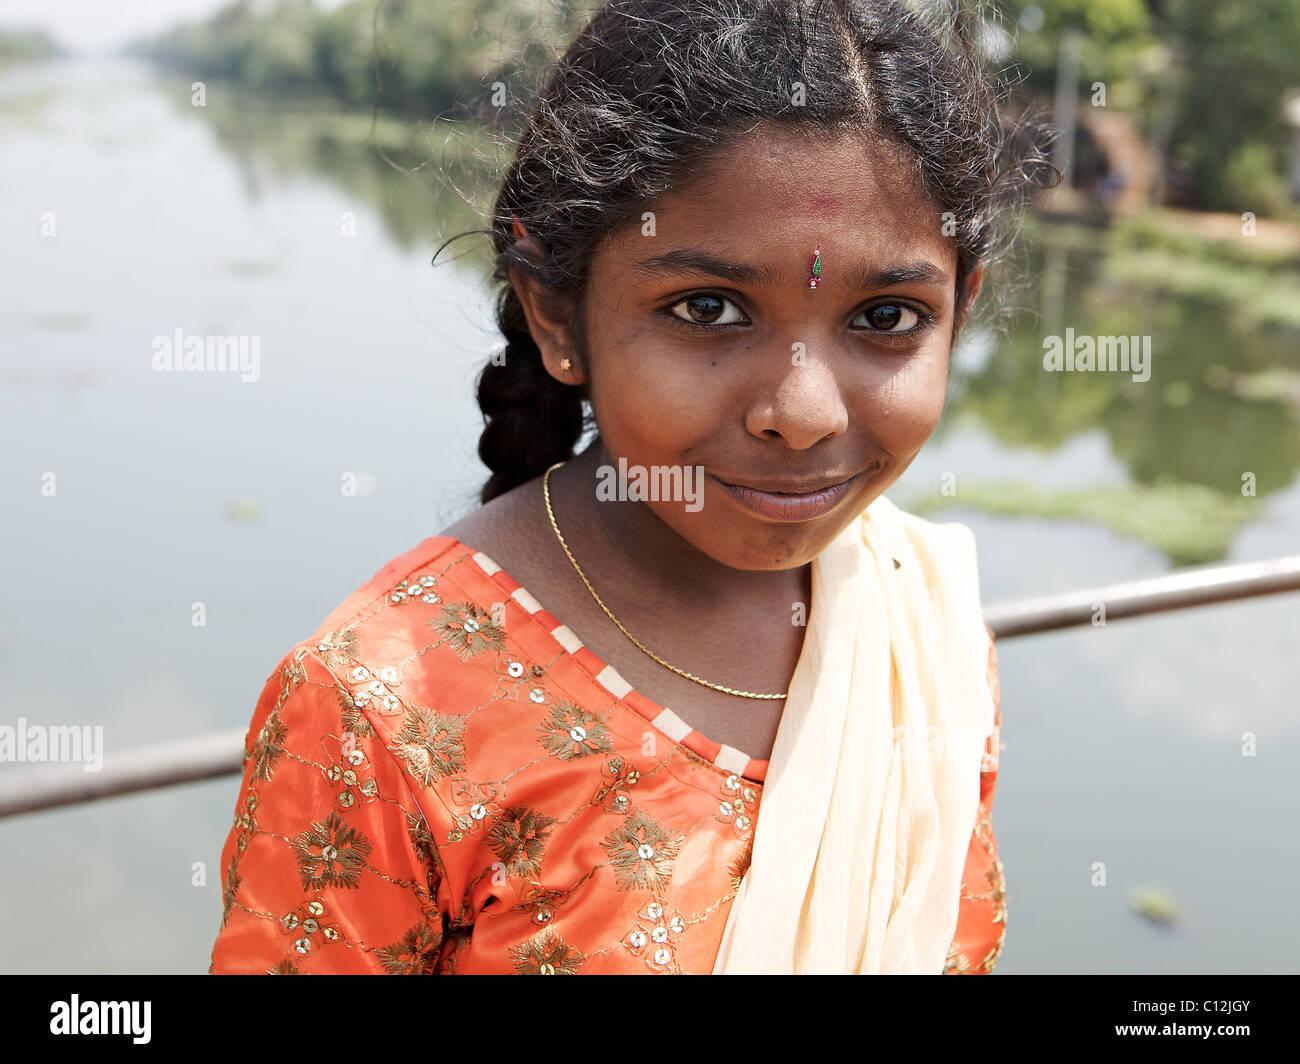 Teens arsch Wkerala junges Mädchen nackt